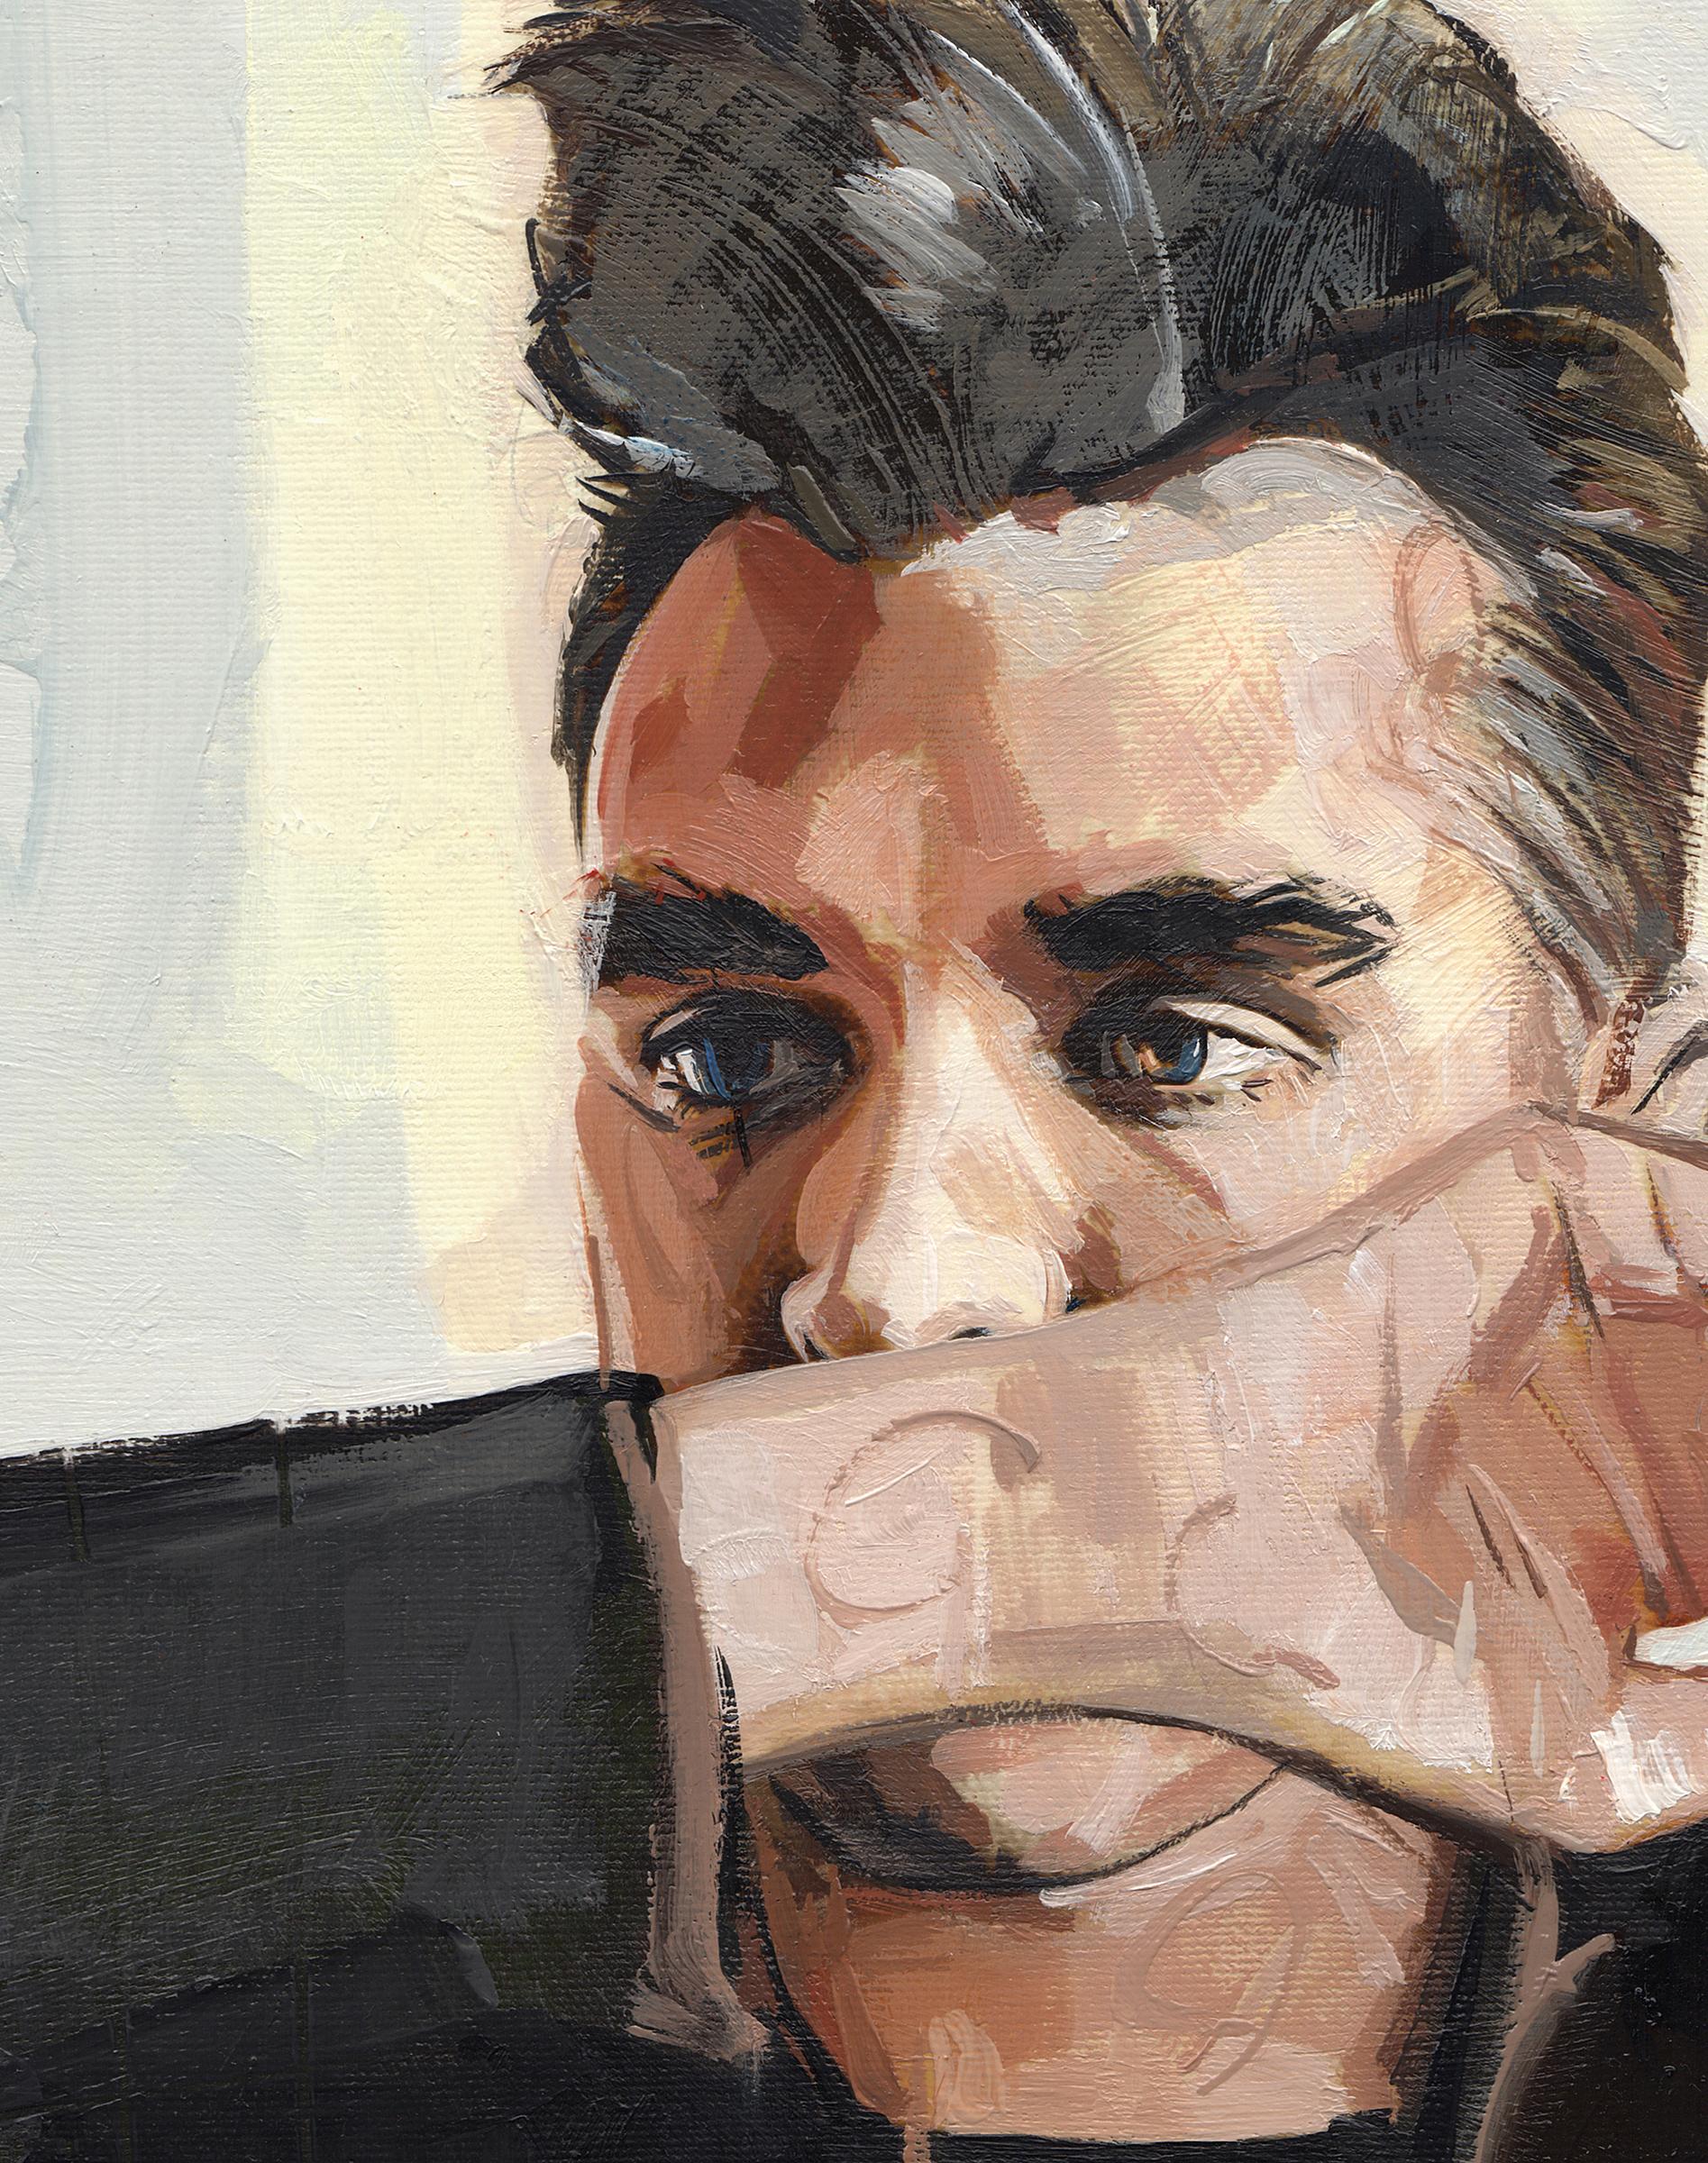 Morrissey2_Detail_JimSalvati